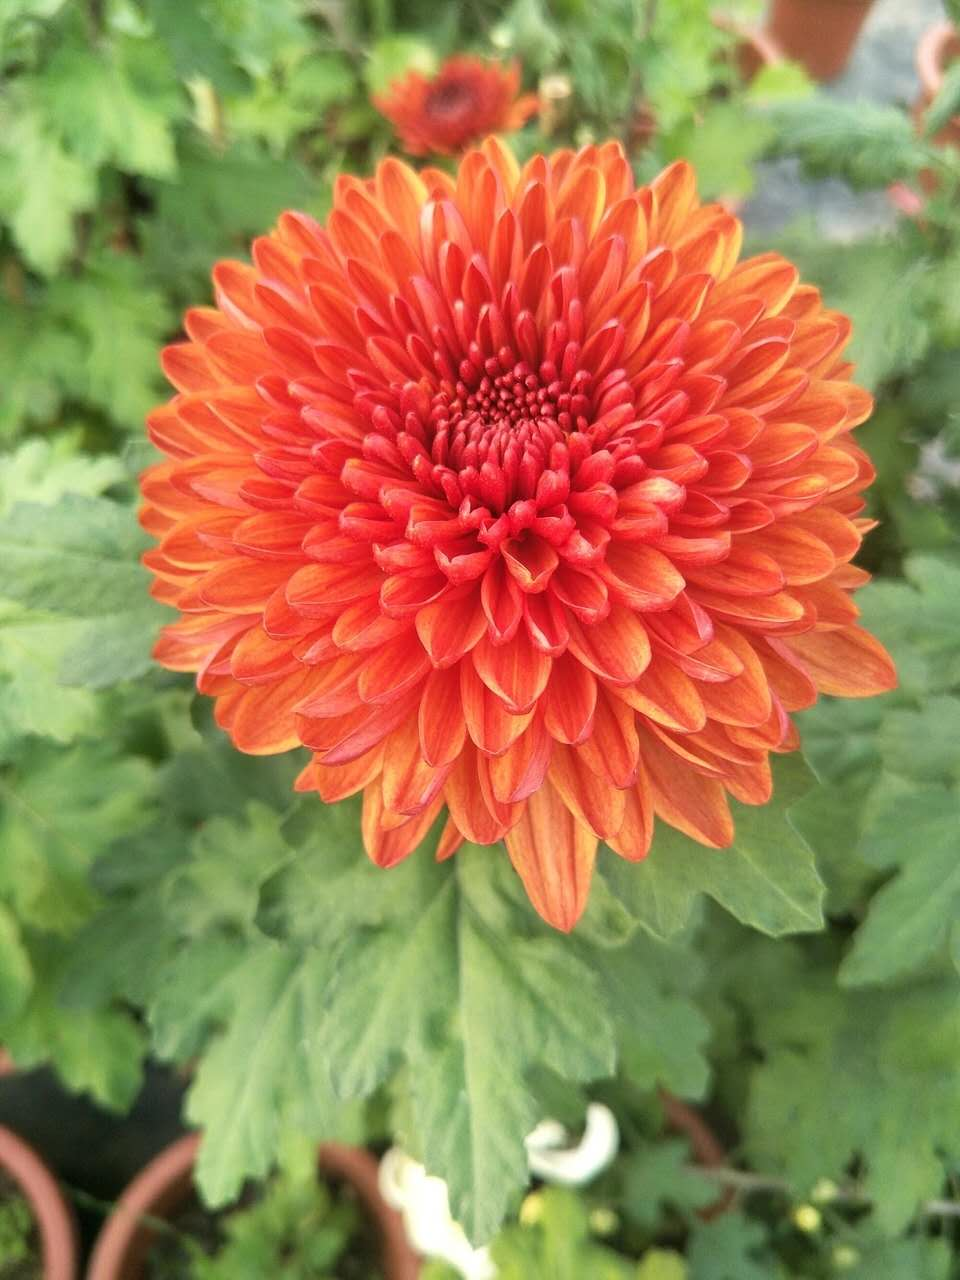 开封市盛开花卉园艺有限公司,自有基地,盛产批发菊花,欢迎前来